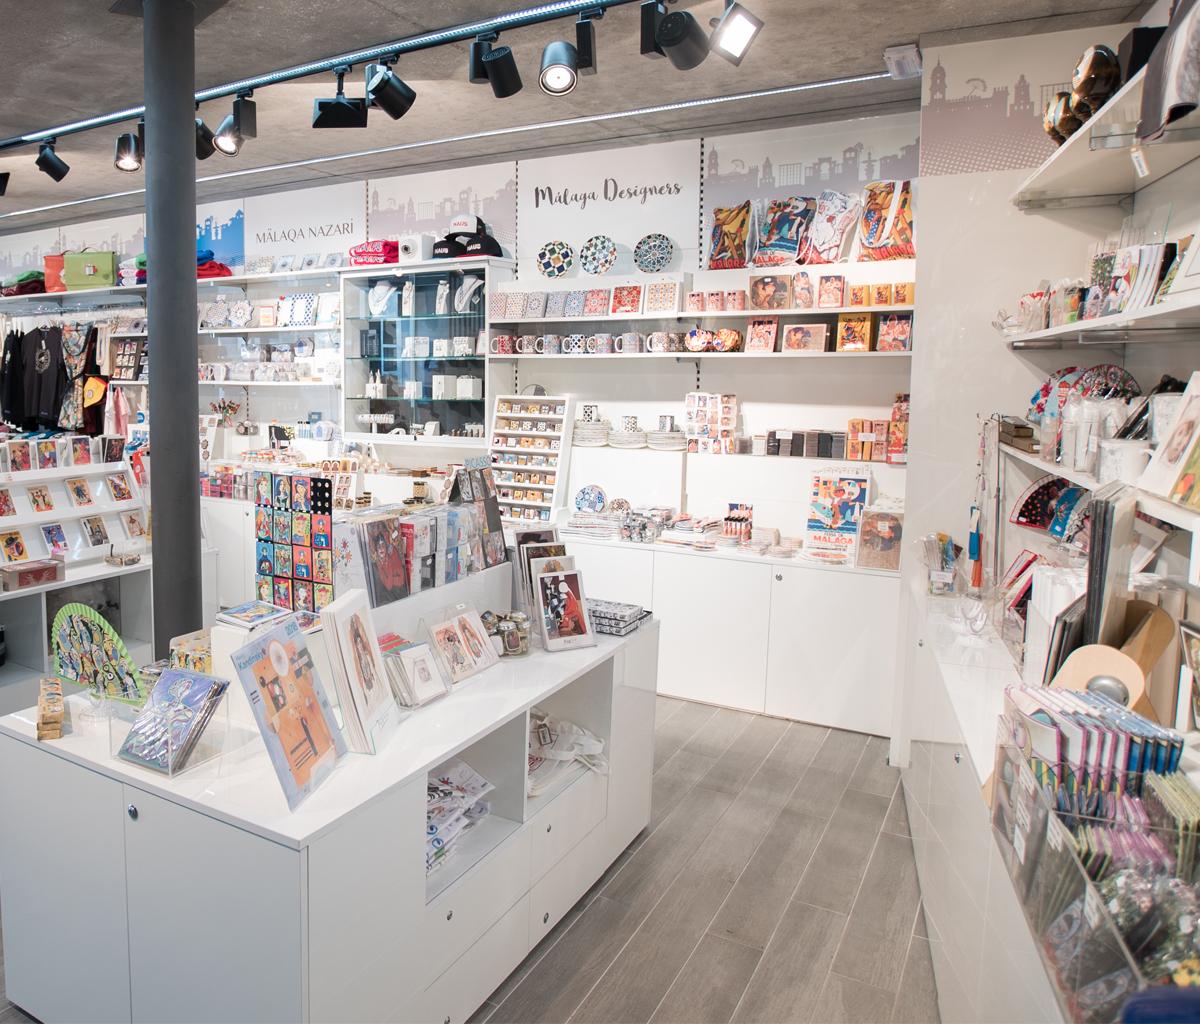 imagen-tienda